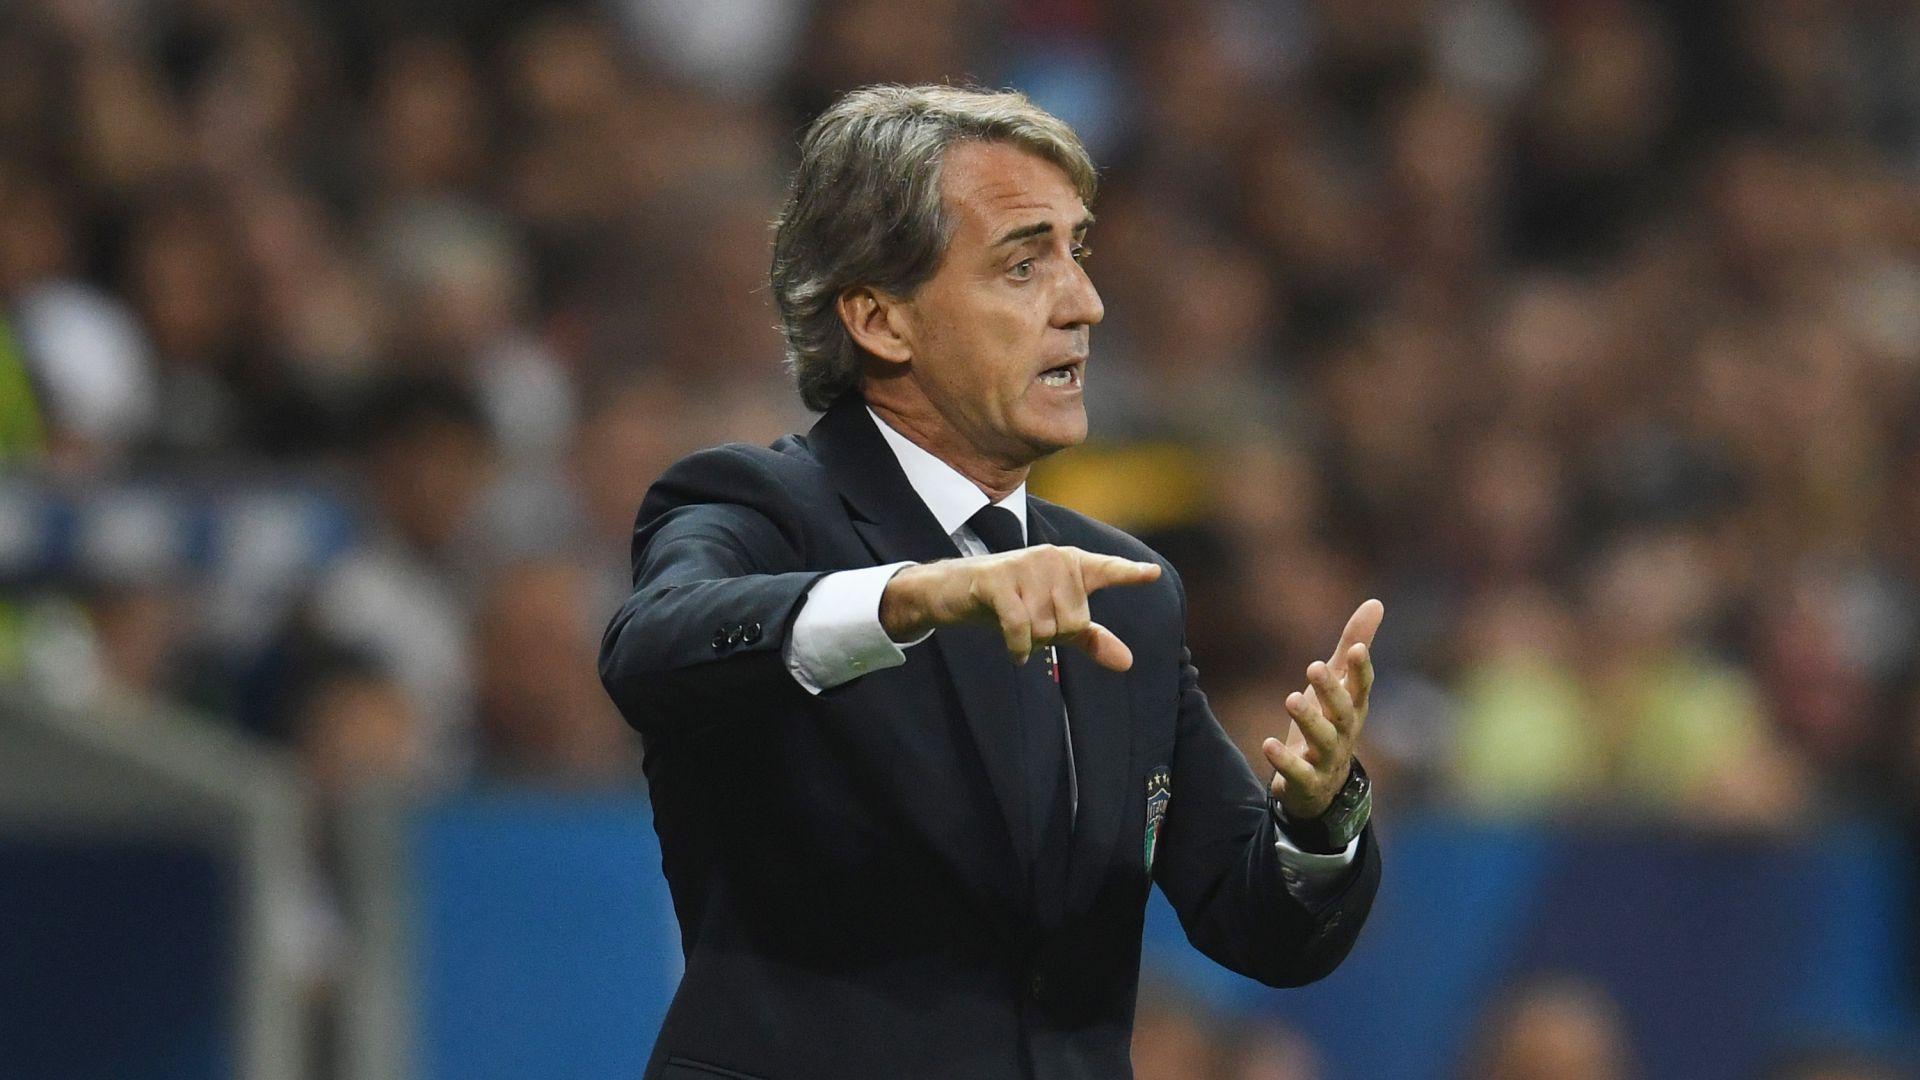 Italia, Mancini e le convocazioni: attende rassicurazioni da Donnarumma in Milan-Roma